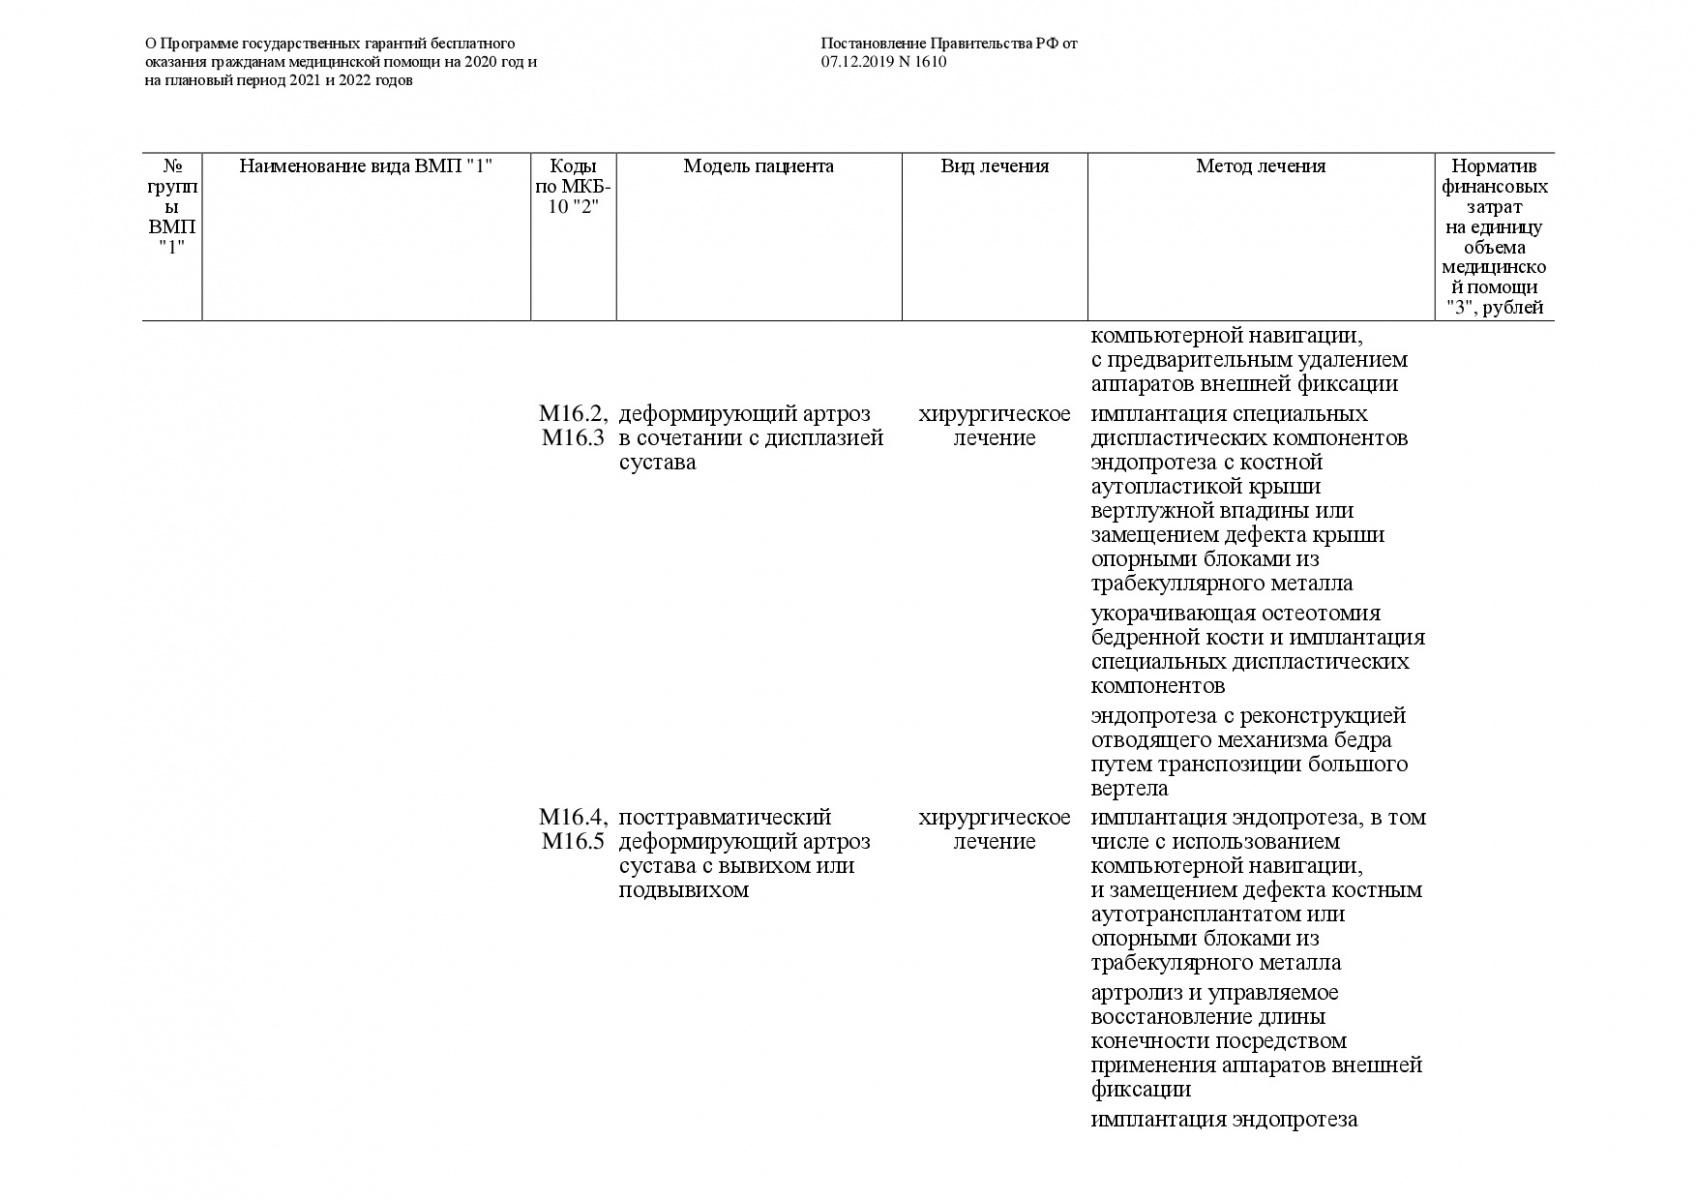 Postanovlenie-Pravitelstva-RF-ot-07_12_2019-1610-O-PGG-130